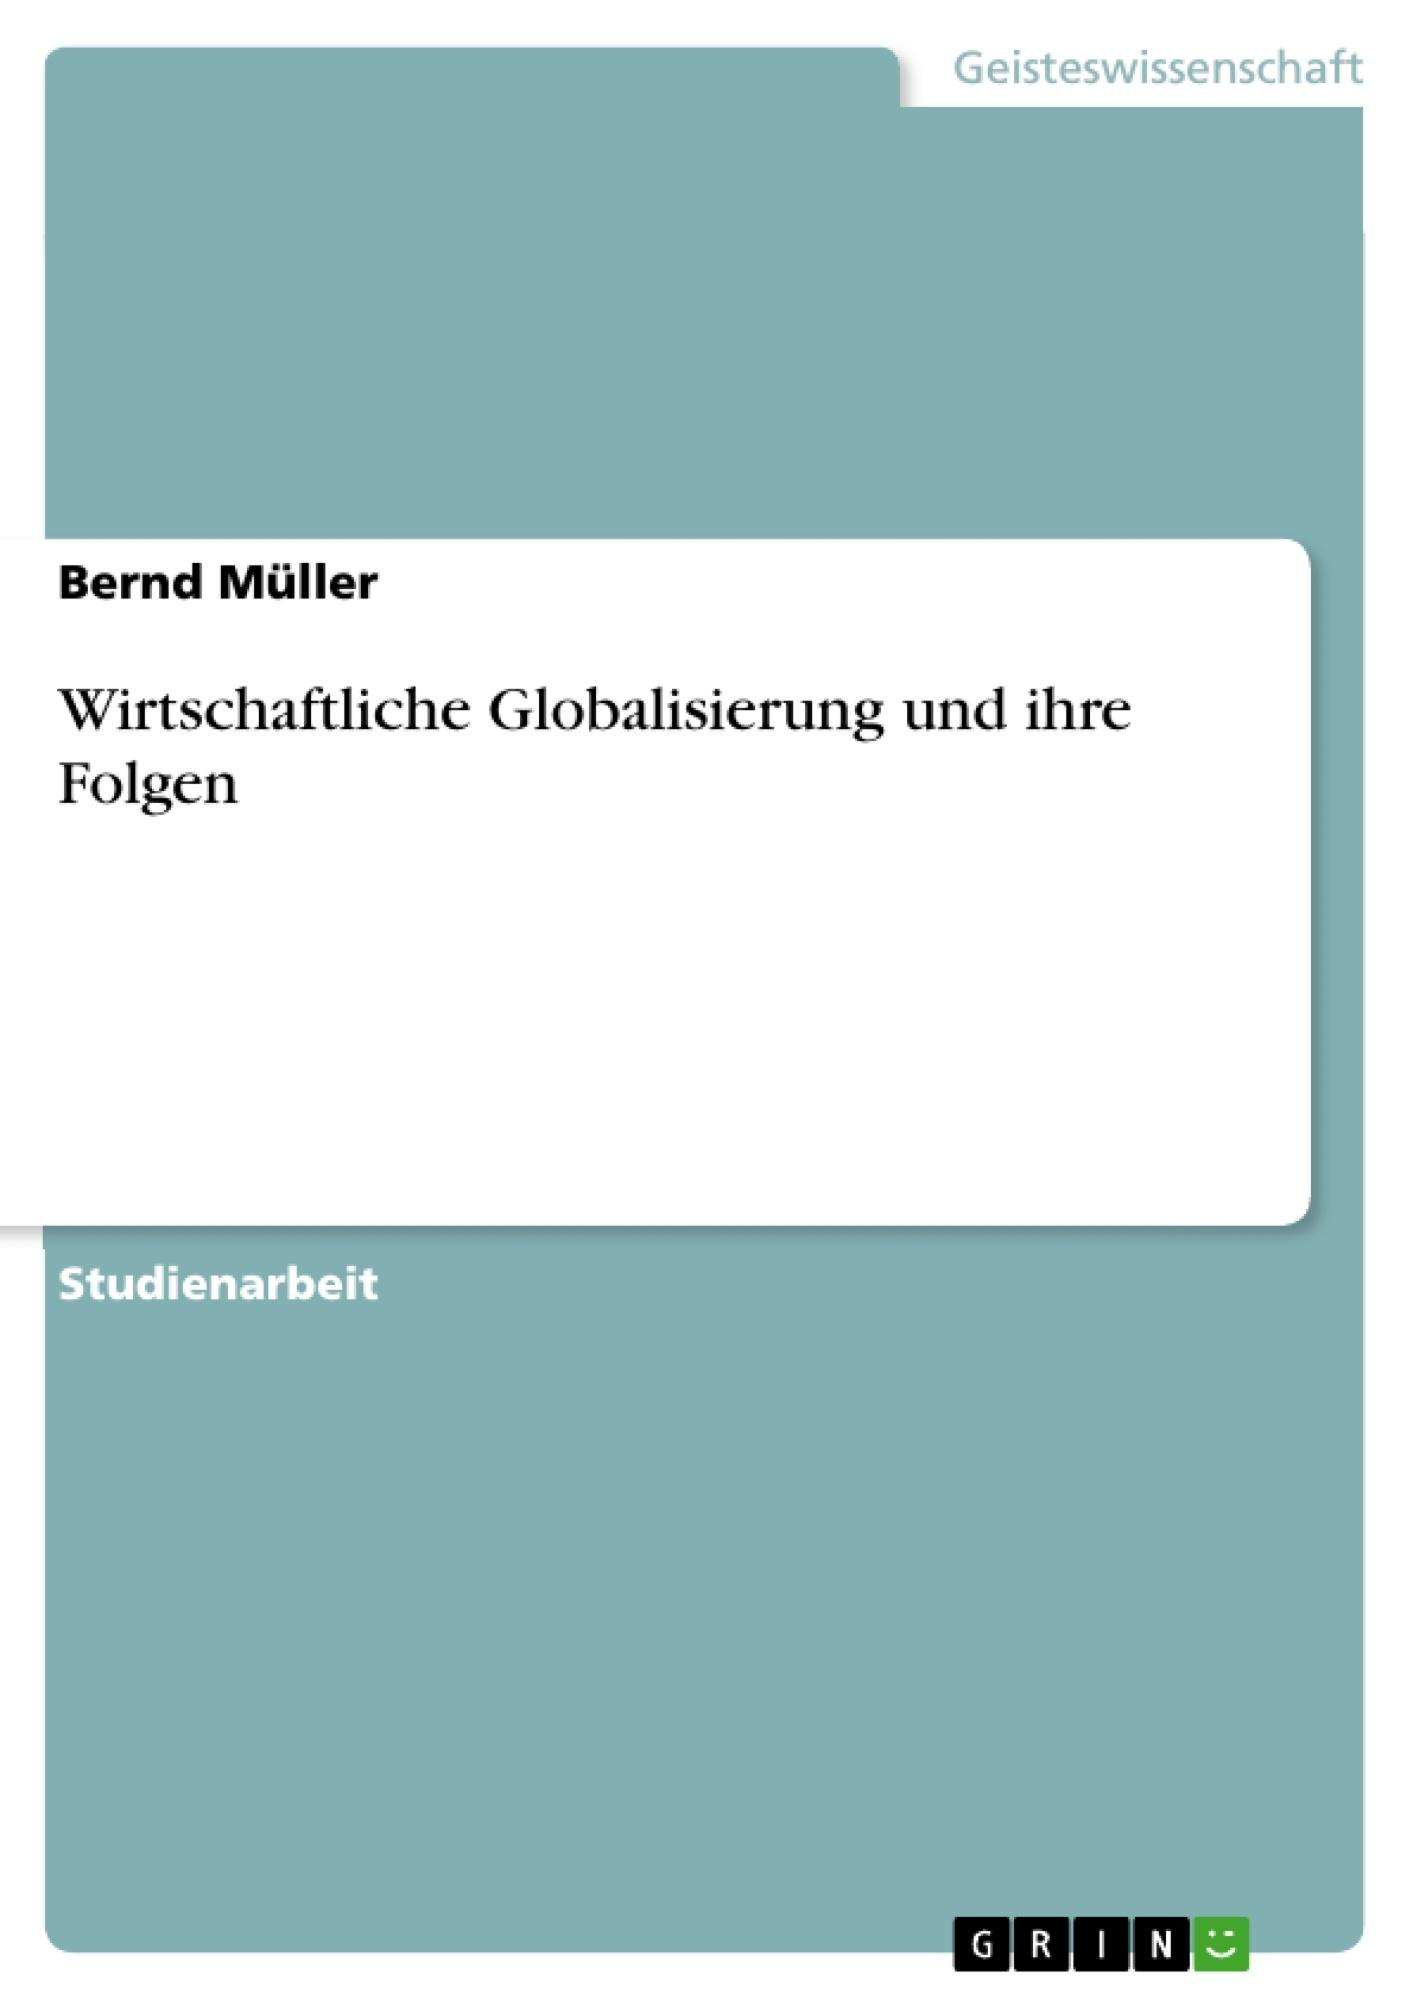 Titel: Wirtschaftliche Globalisierung und ihre Folgen